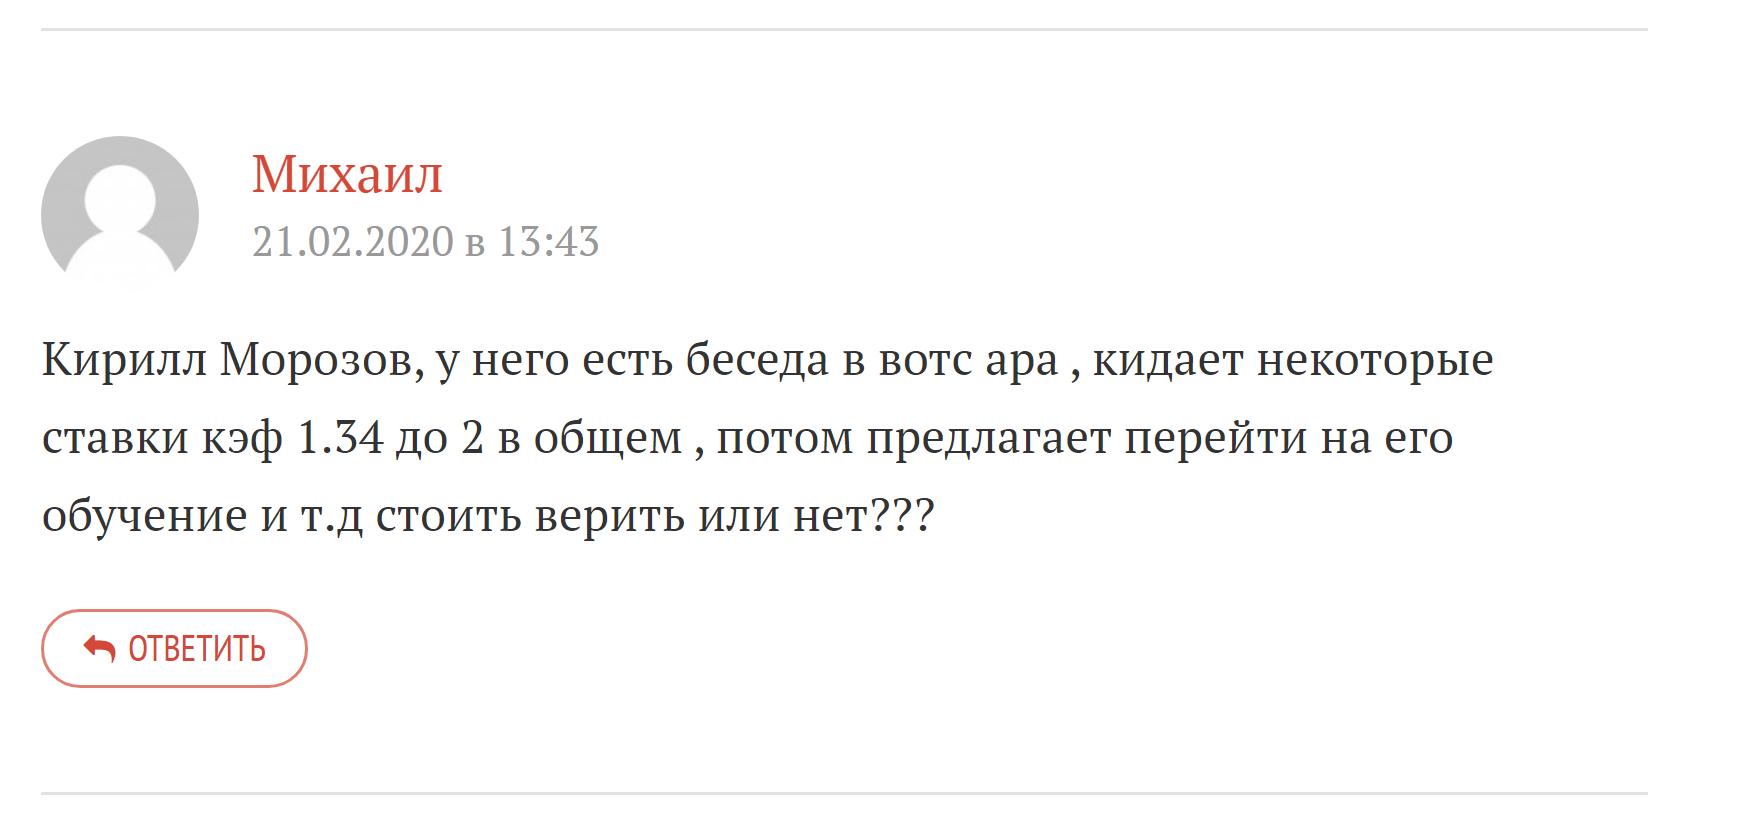 Мнение пользователей